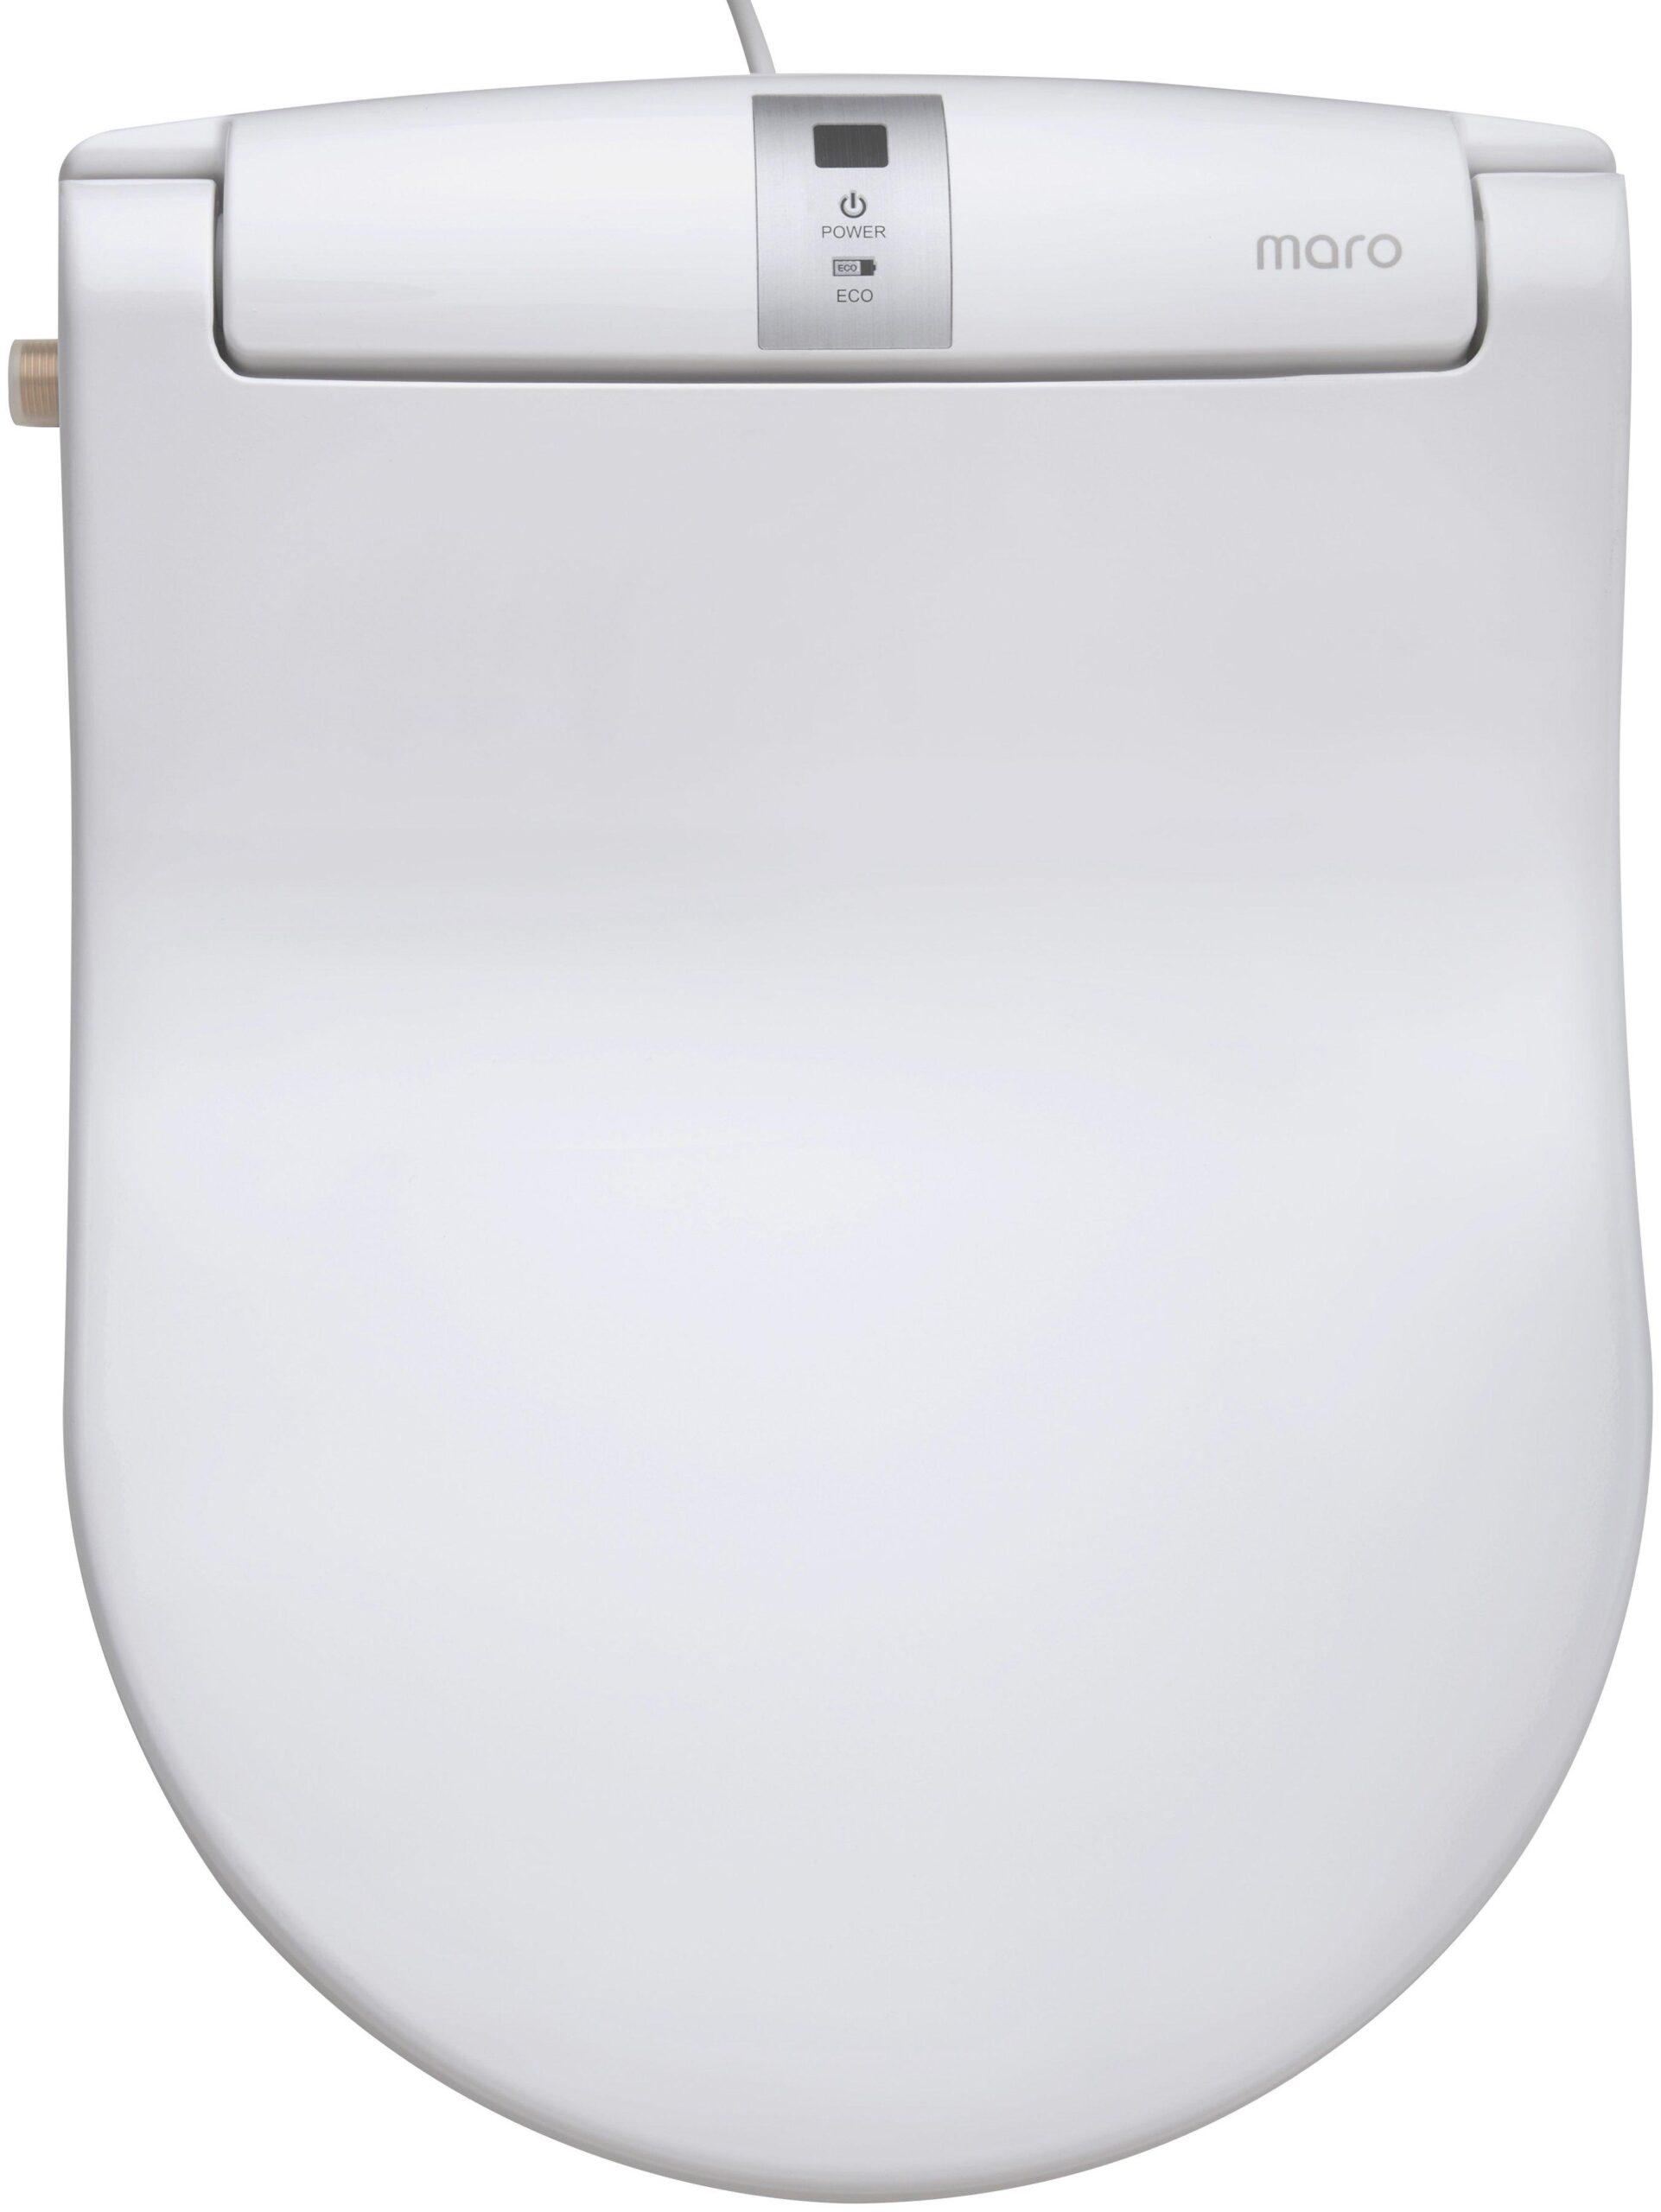 Full Size of Dusch Wc Sitz Di 600 Dusche Kaufen Eckeinstieg Schulte Duschen Badewanne Hüppe Glastrennwand Walk In Pendeltür Unterputz Armatur Begehbare Fliesen Dusche Dusch Wc